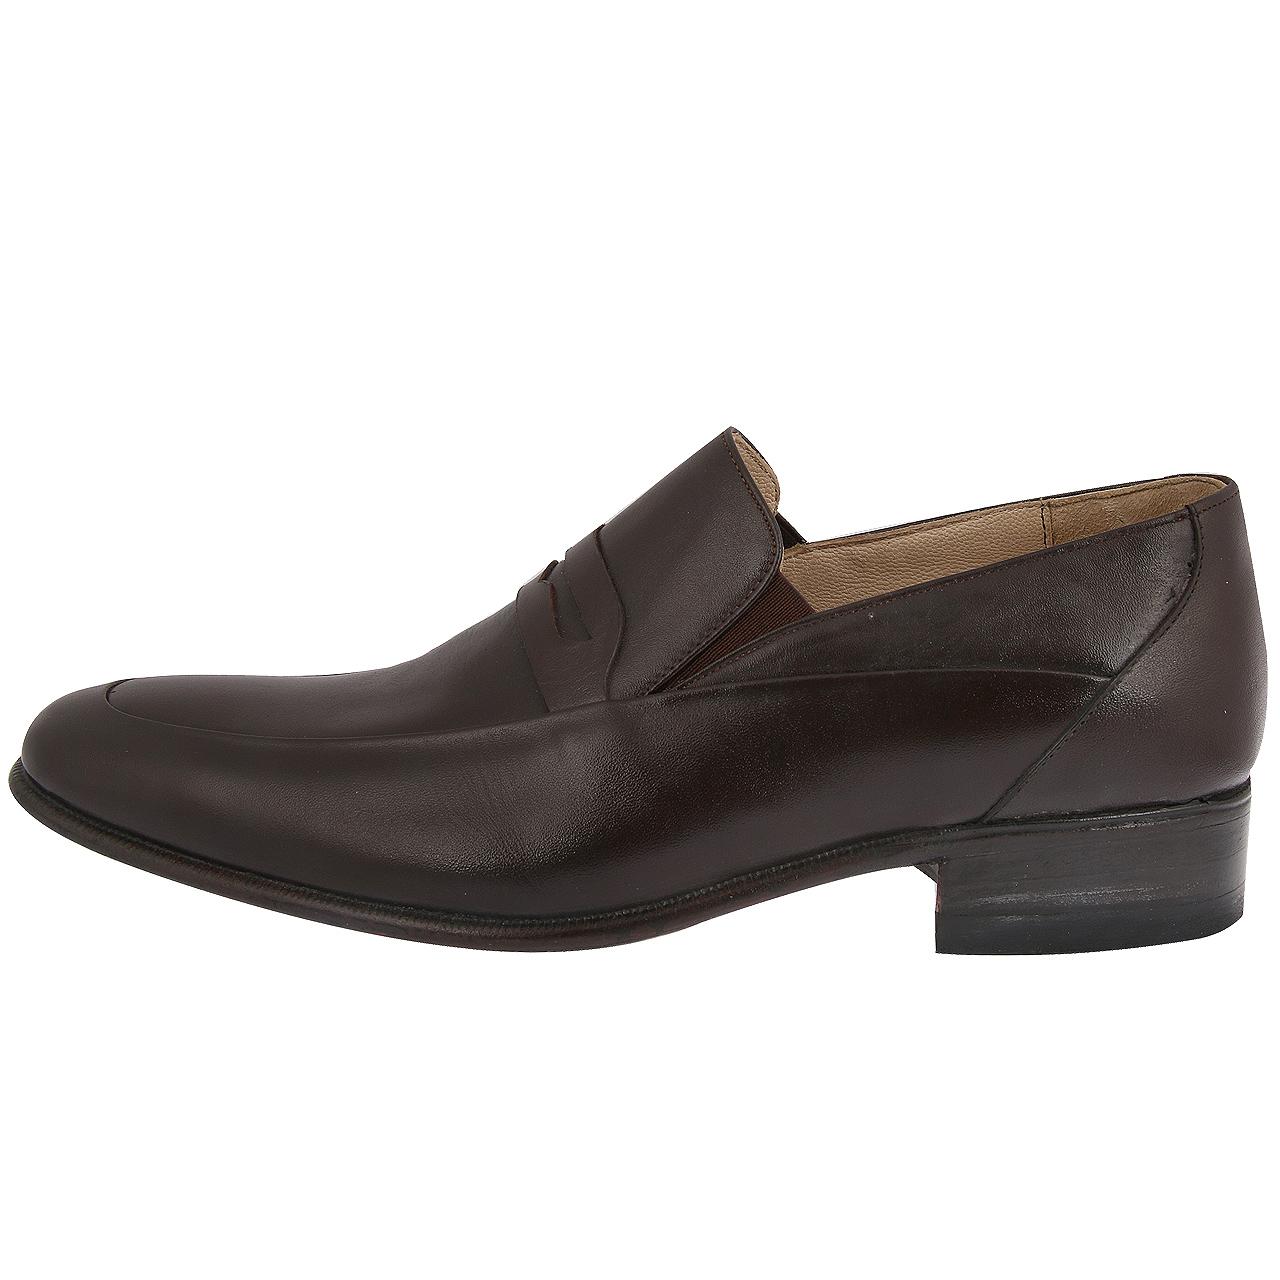 کفش مردانه مدل کلاسیک کد 228101208